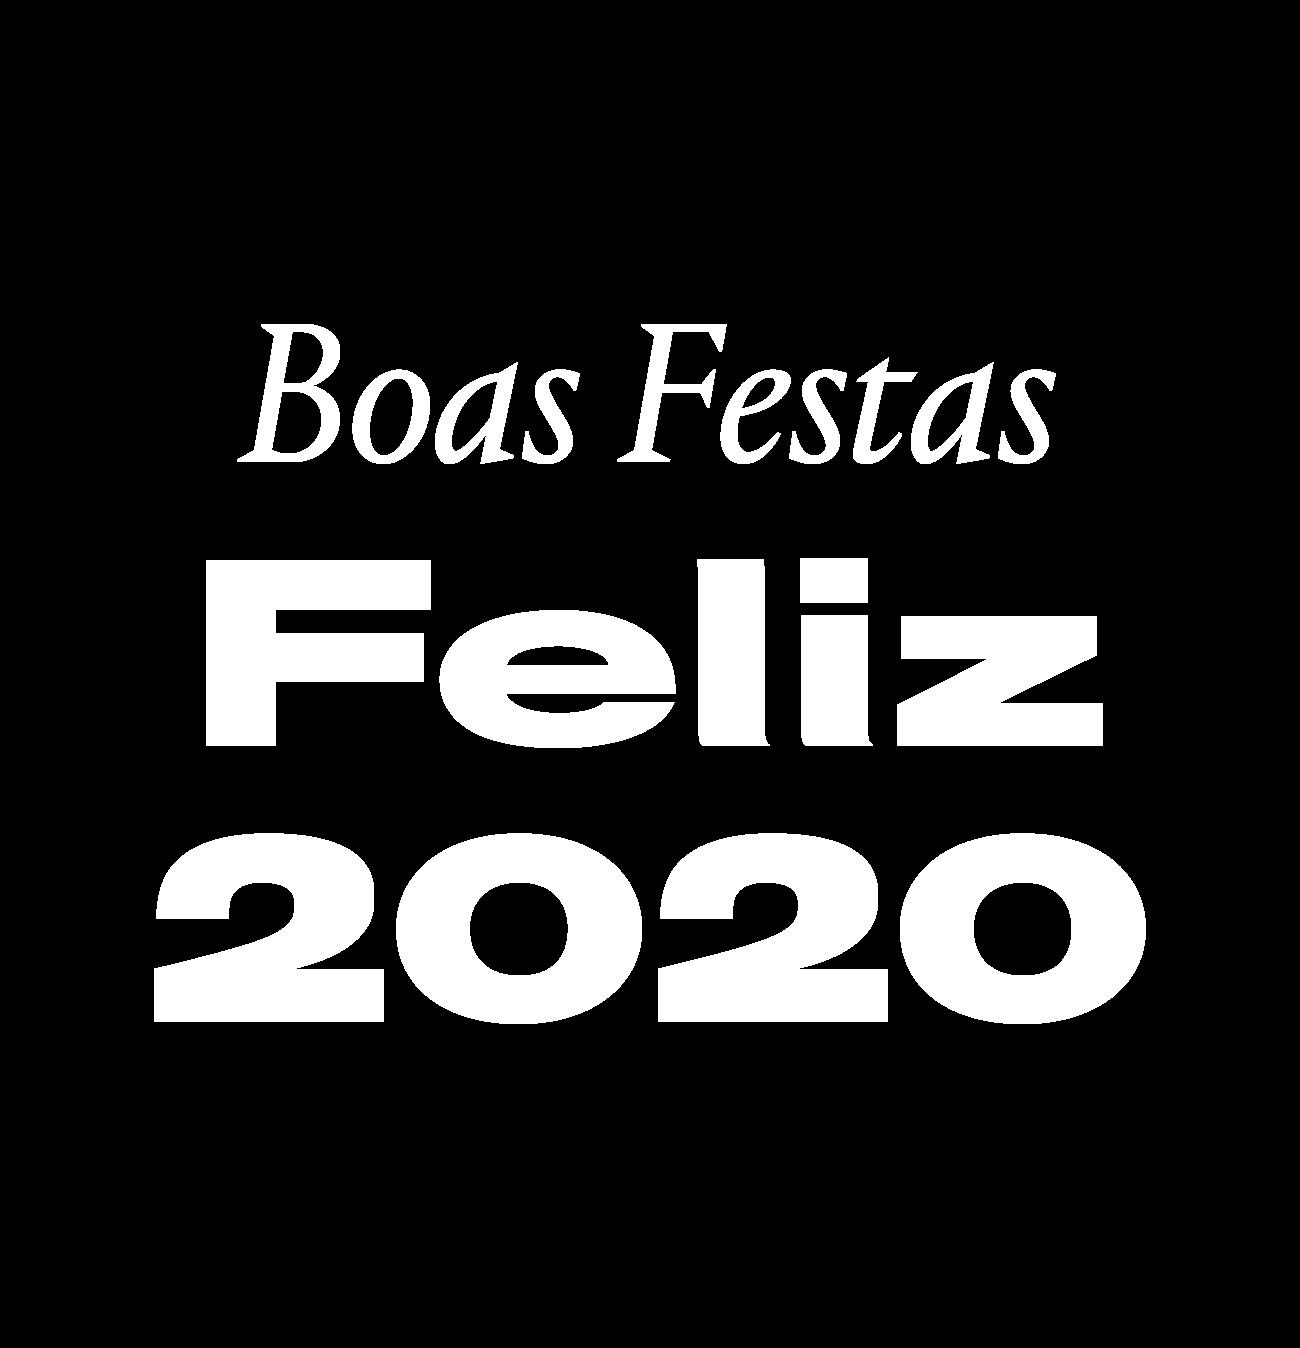 Boas Festas — Feliz 2020